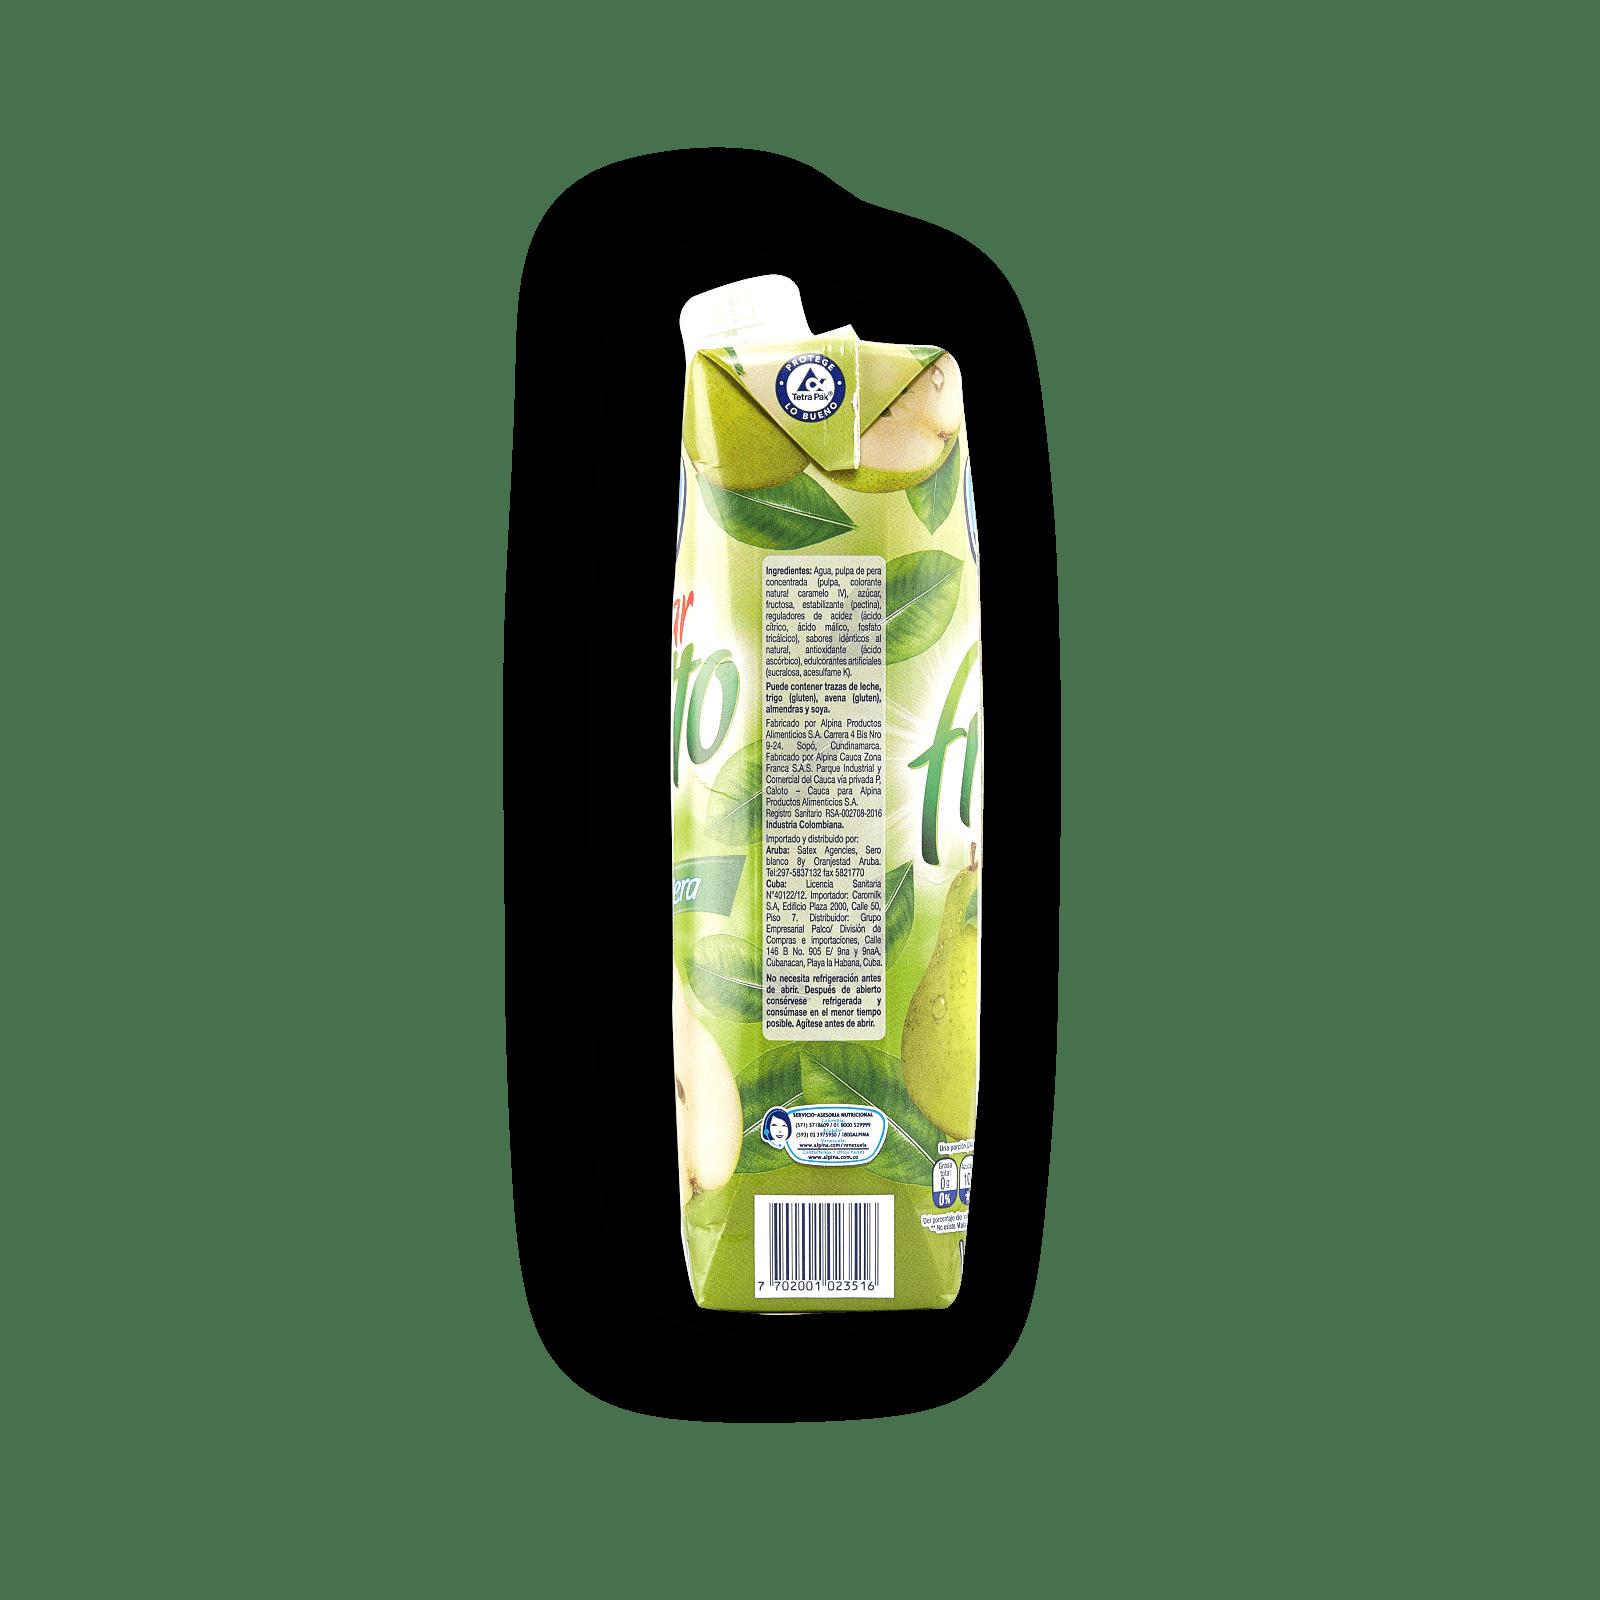 Néctar Frutto Pera